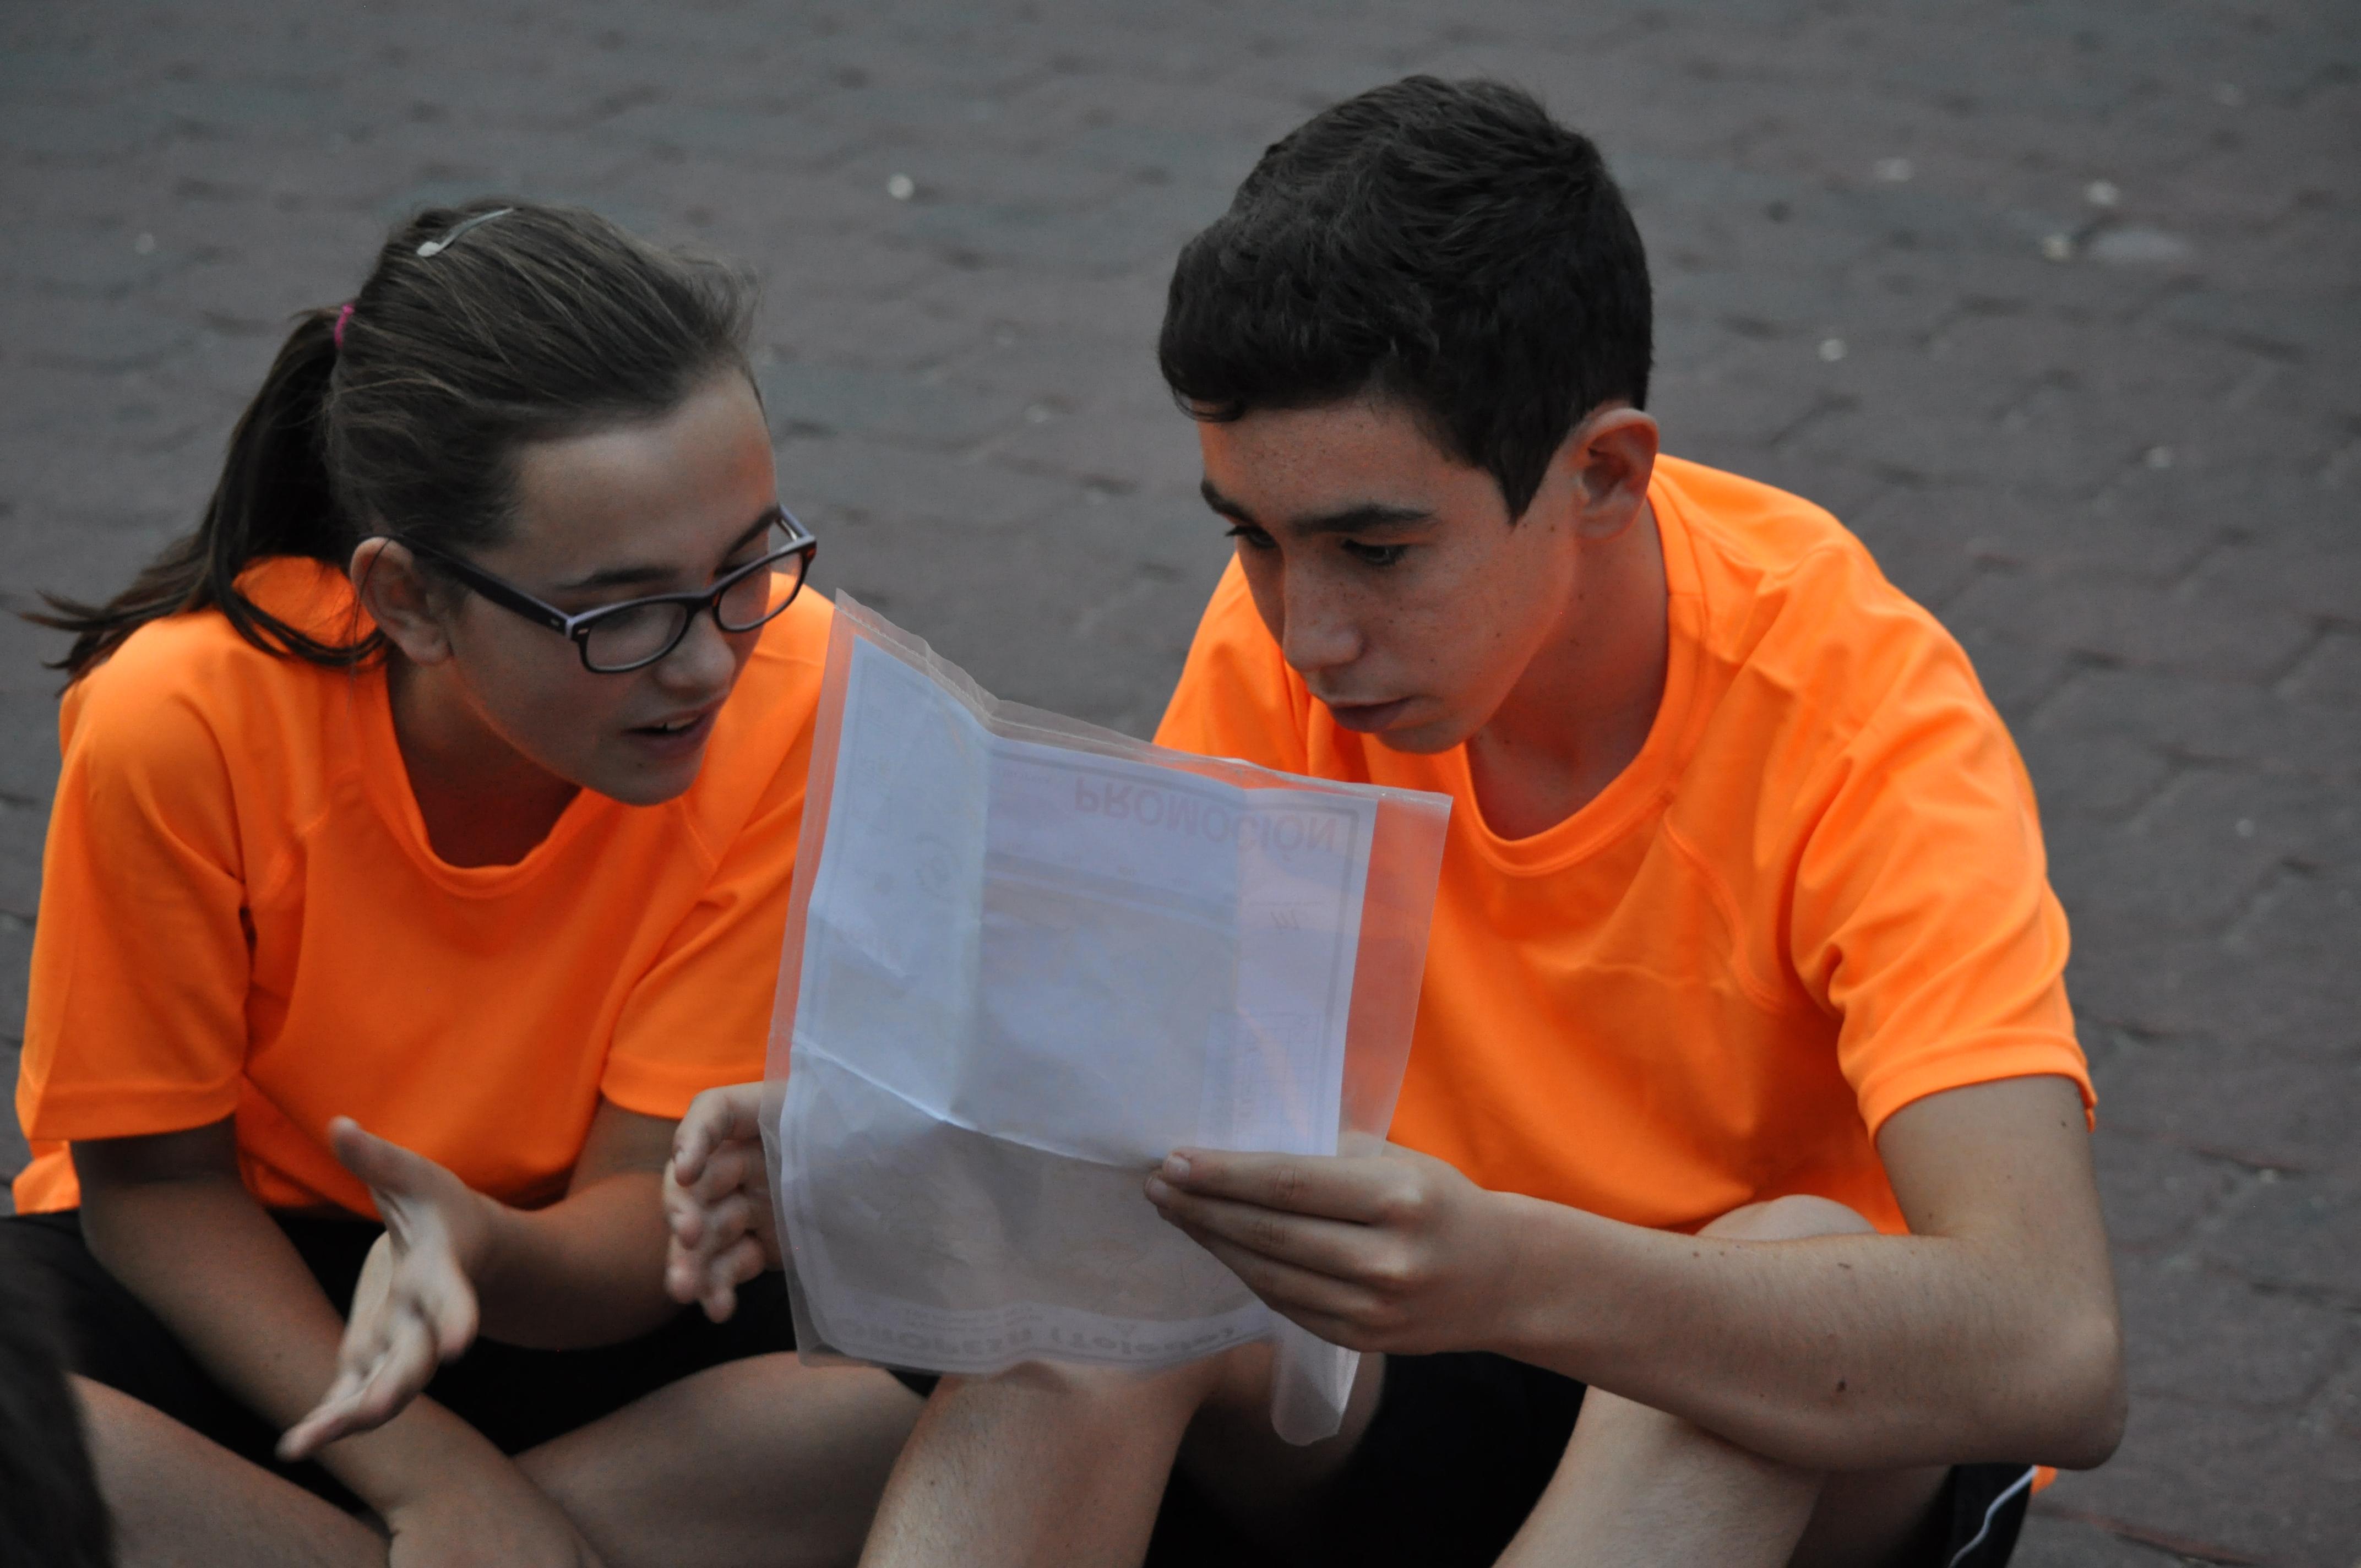 Analizando el mapa